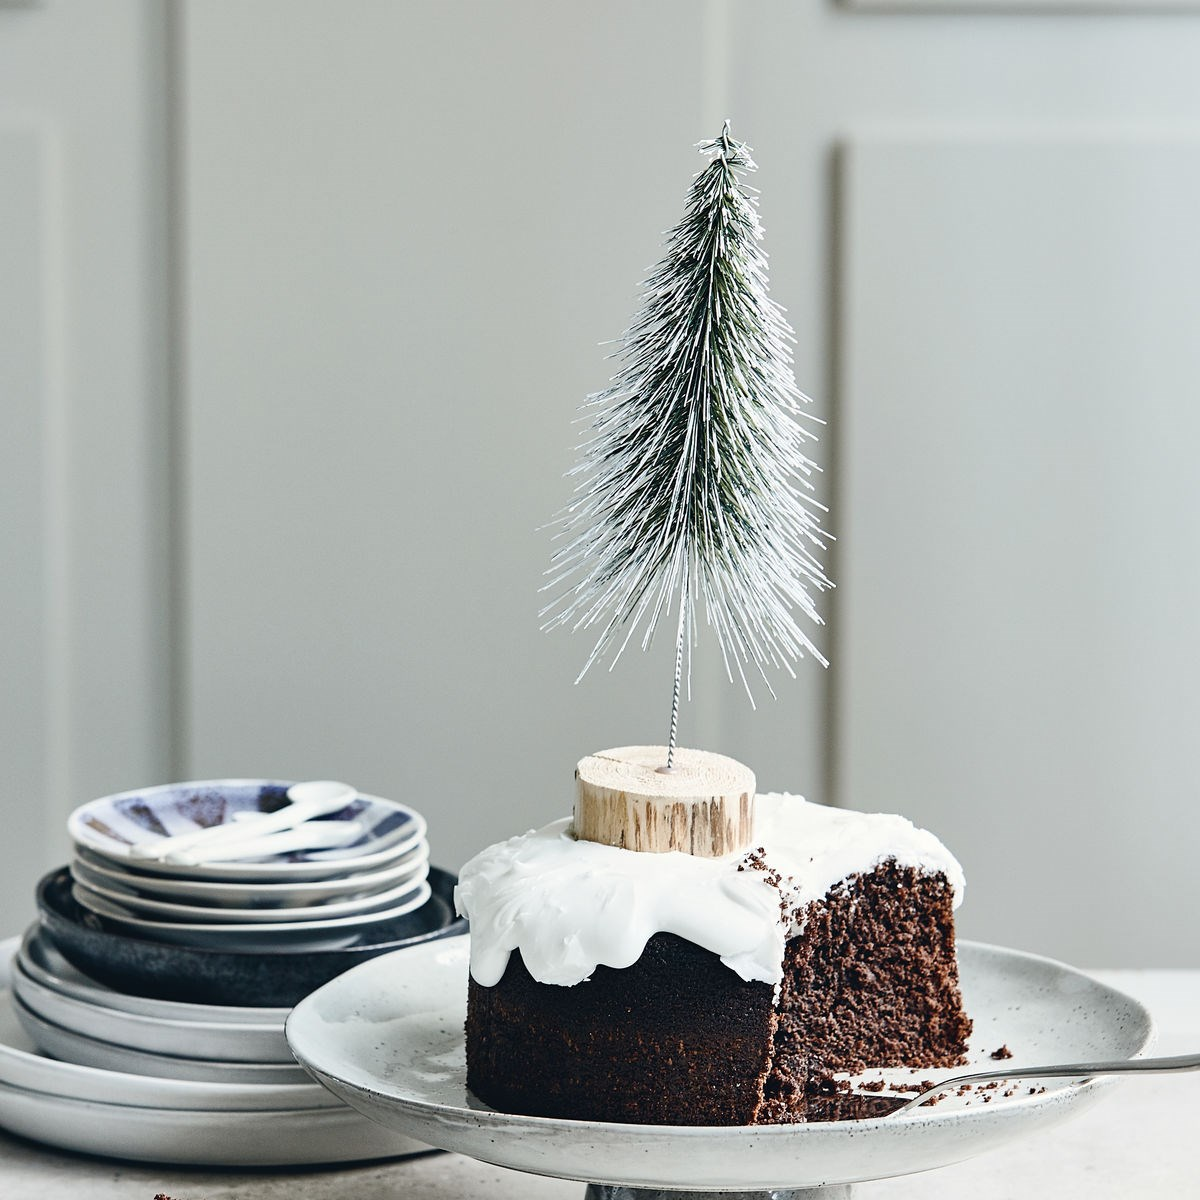 Dekorace vánoční strom SPINKLE zasněžený_1